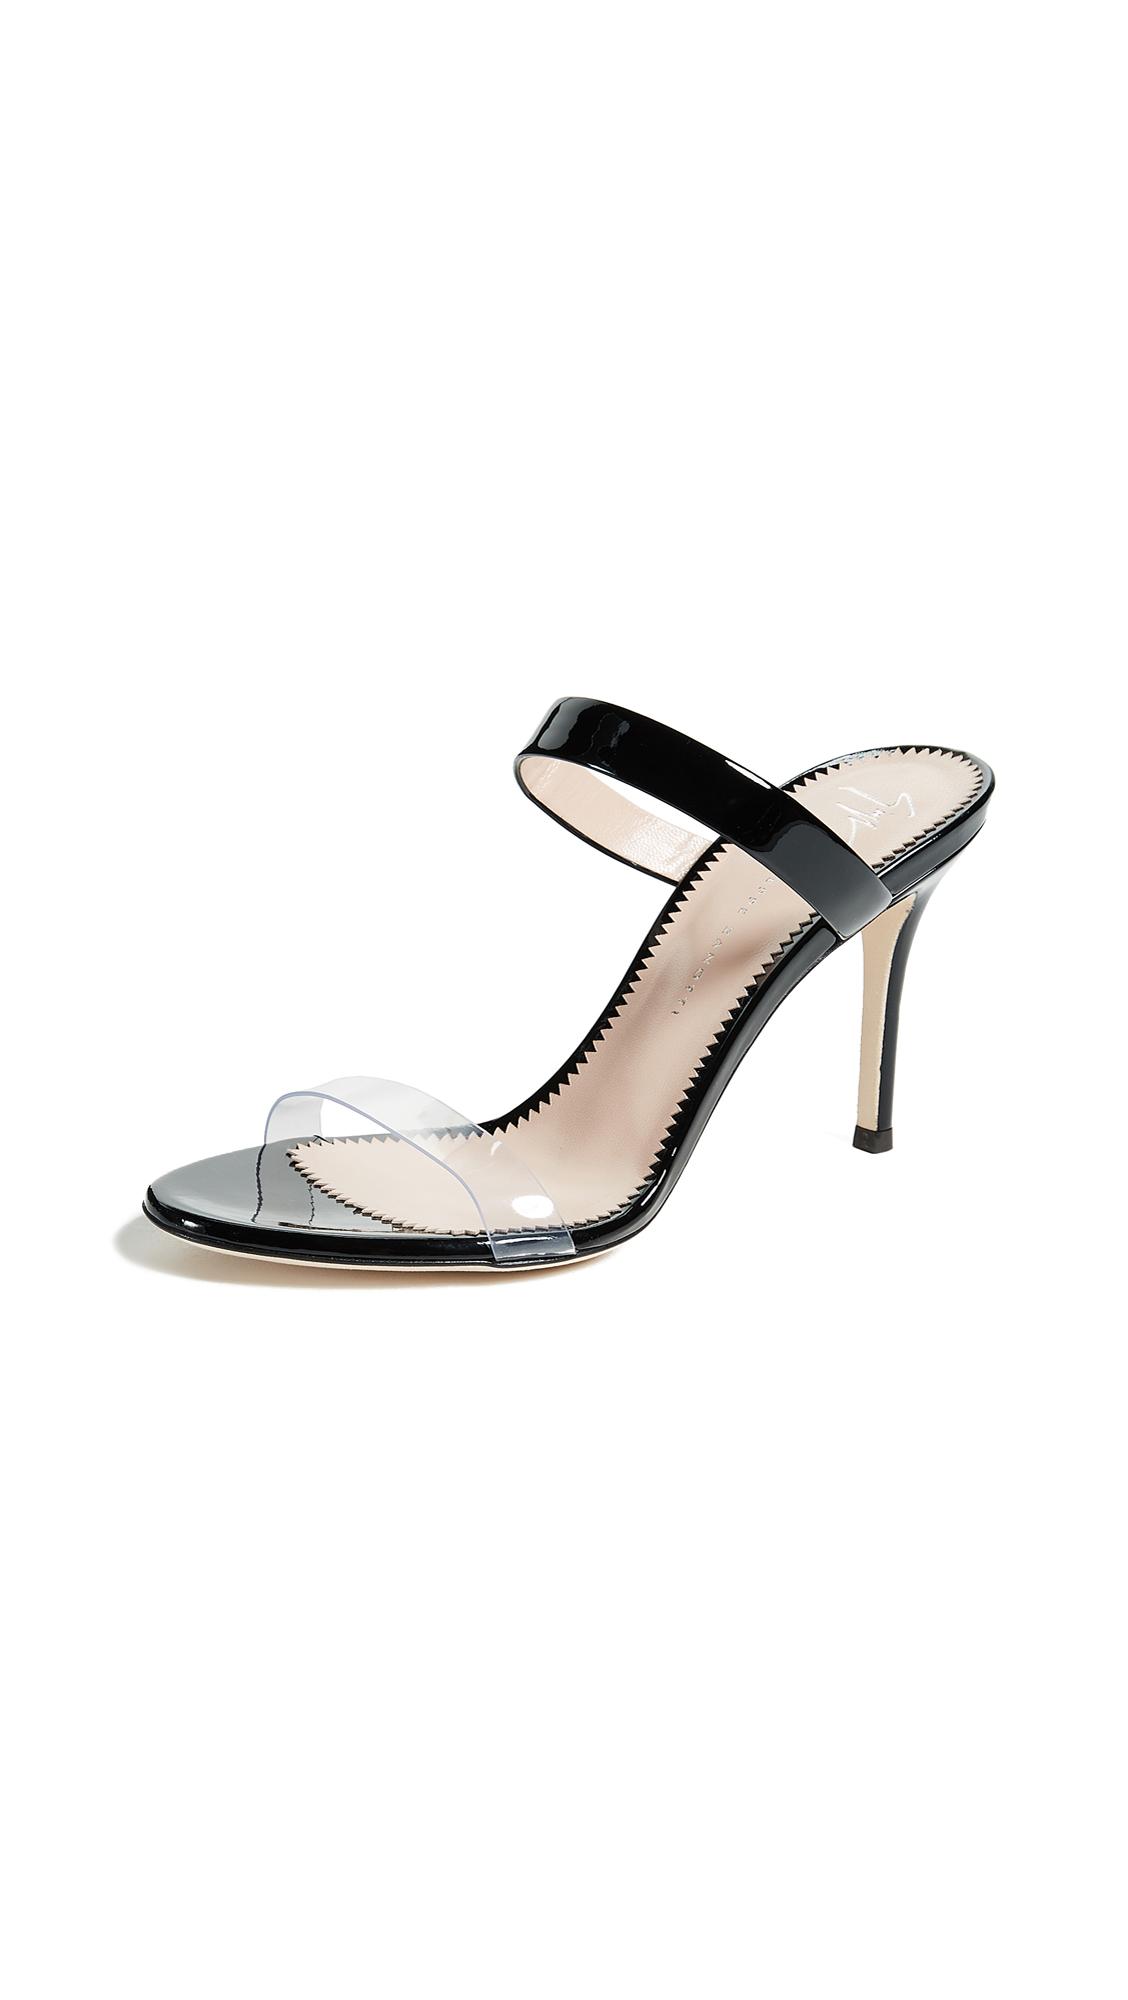 Giuseppe Zanotti Mule Pump Sandals - Black/Clear